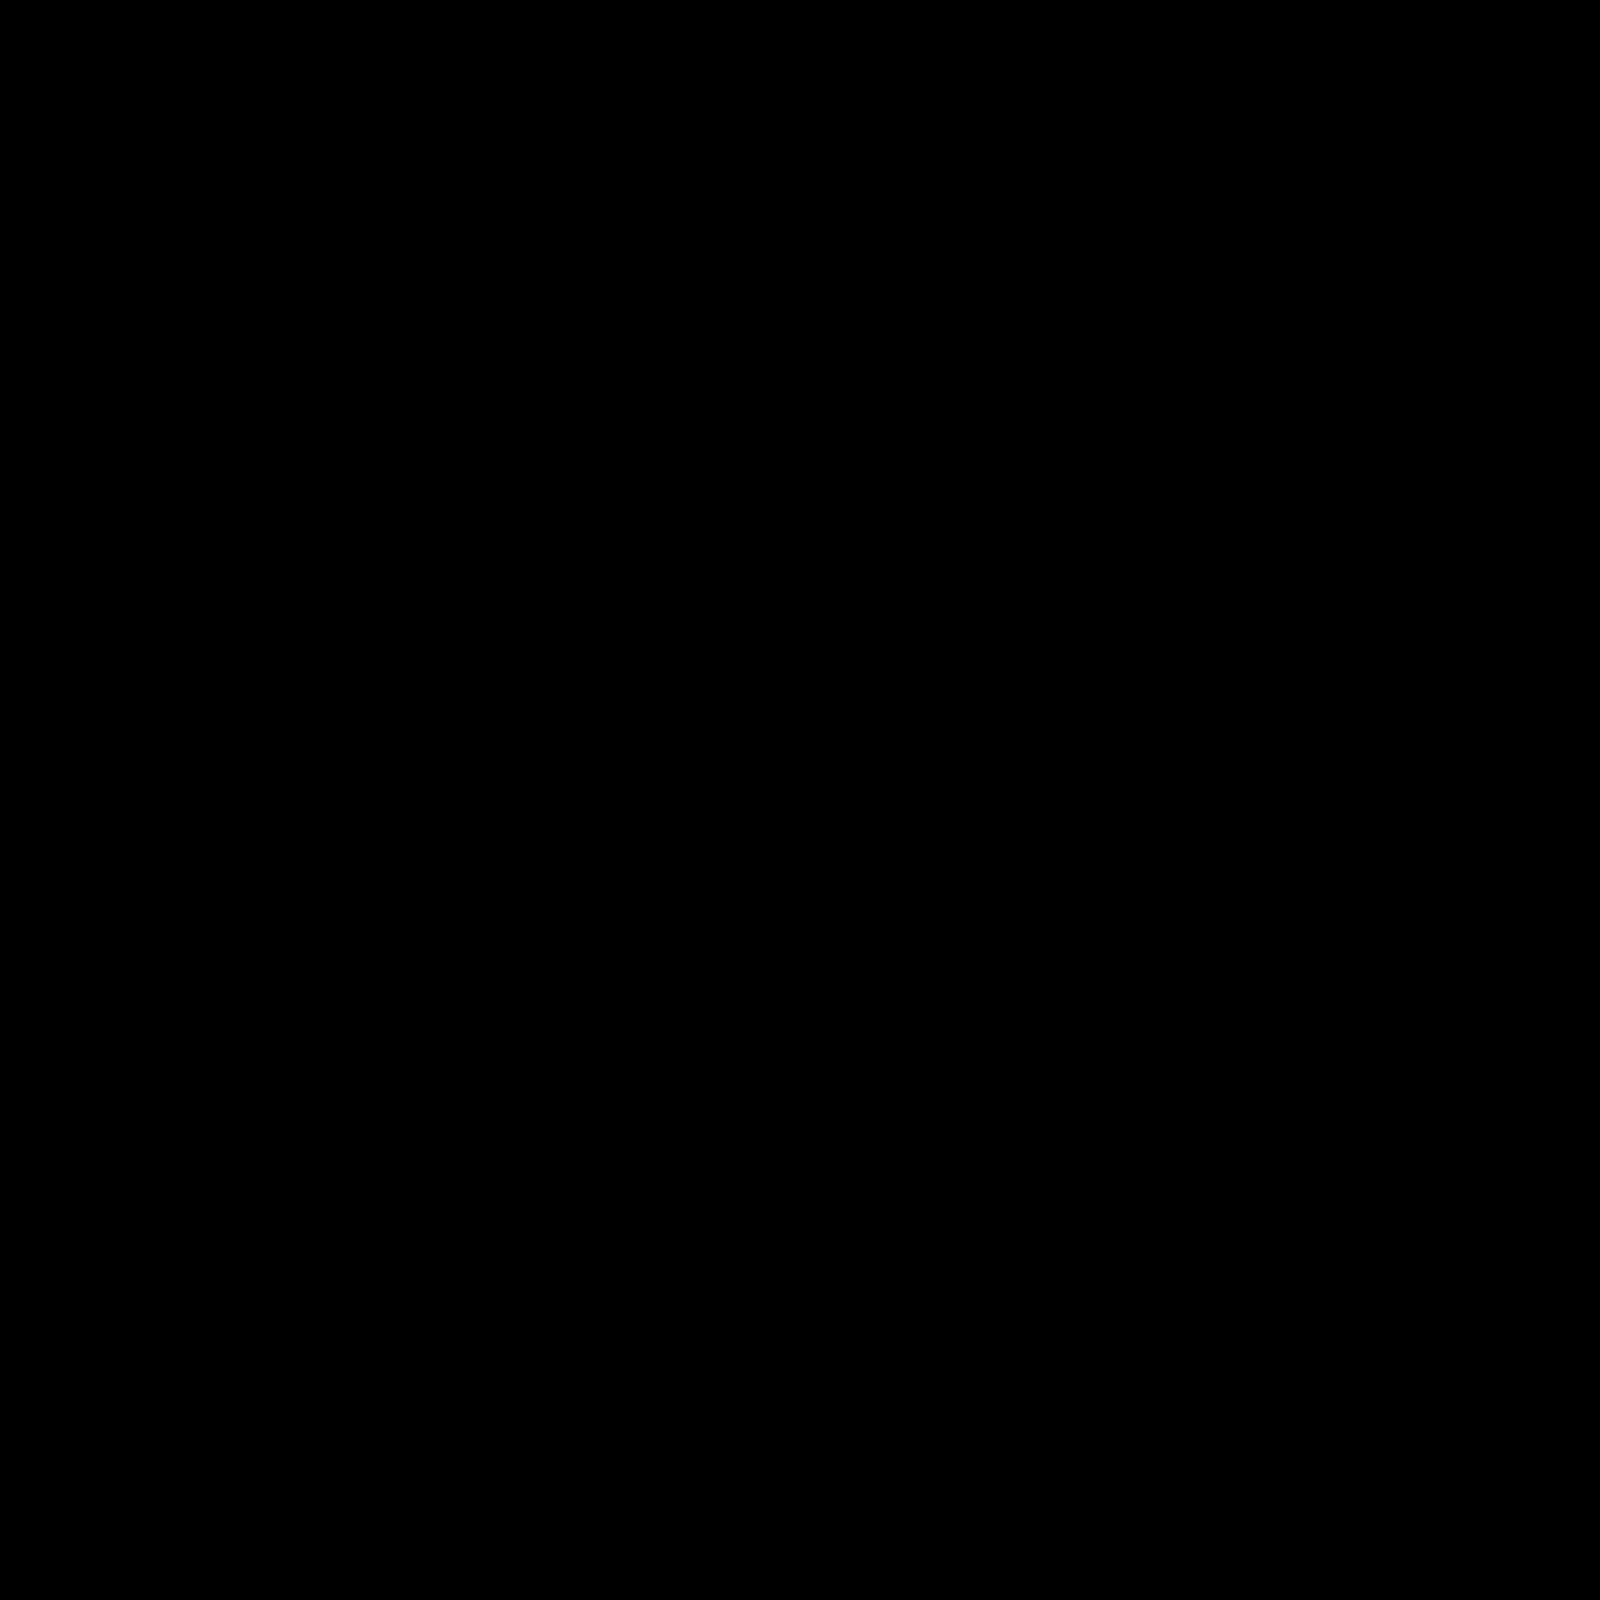 圆珠笔 icon. It is cylinder in shape.  It has a clip on its side to clip onto a notebook or shirt pocket.  It also has a button on the top you press to dispense the nib to write with.